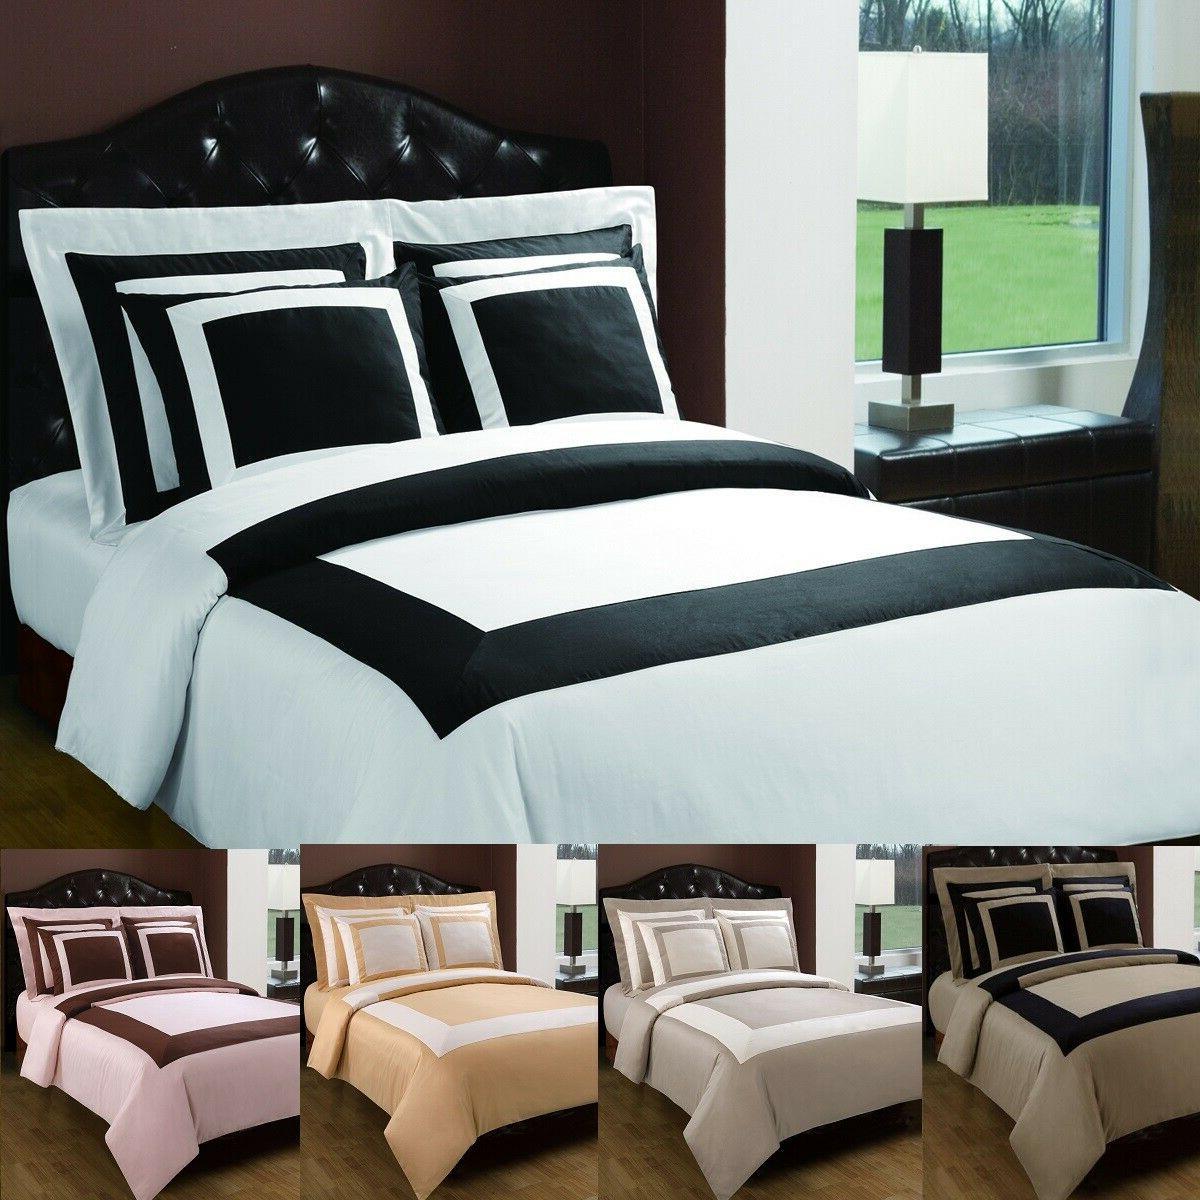 hotel cotton 5 piece duvet covers